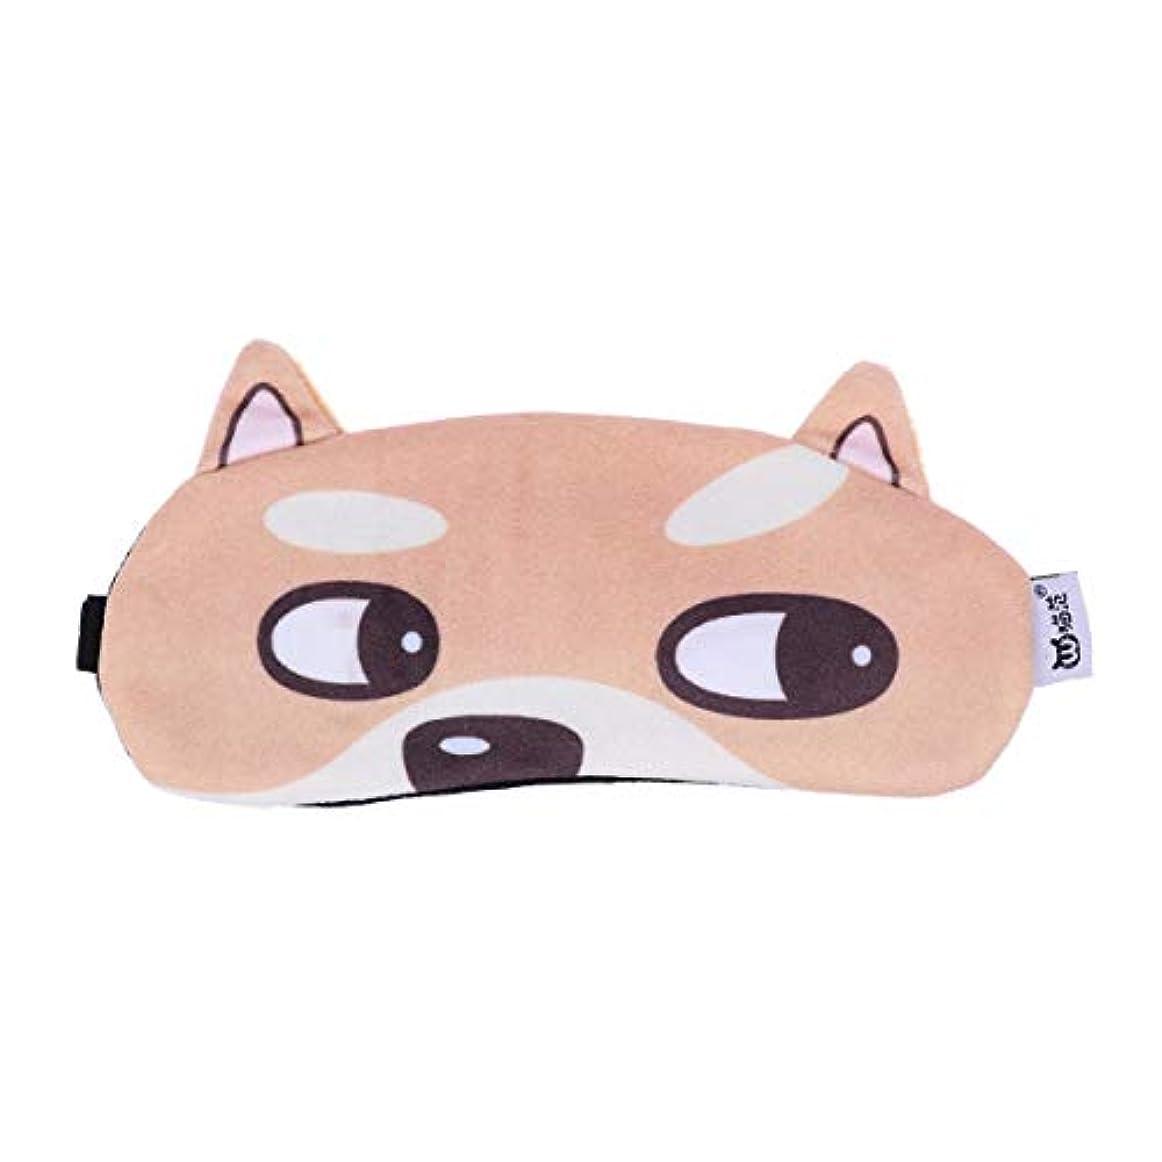 シャベル言うまでもなく導体Healifty アイマスク ゲル アイスパッド アイスアイマスク 目隠し リラックス 冷却 パック 再使用可能 目の疲れ軽減 安眠 血行促進(犬)